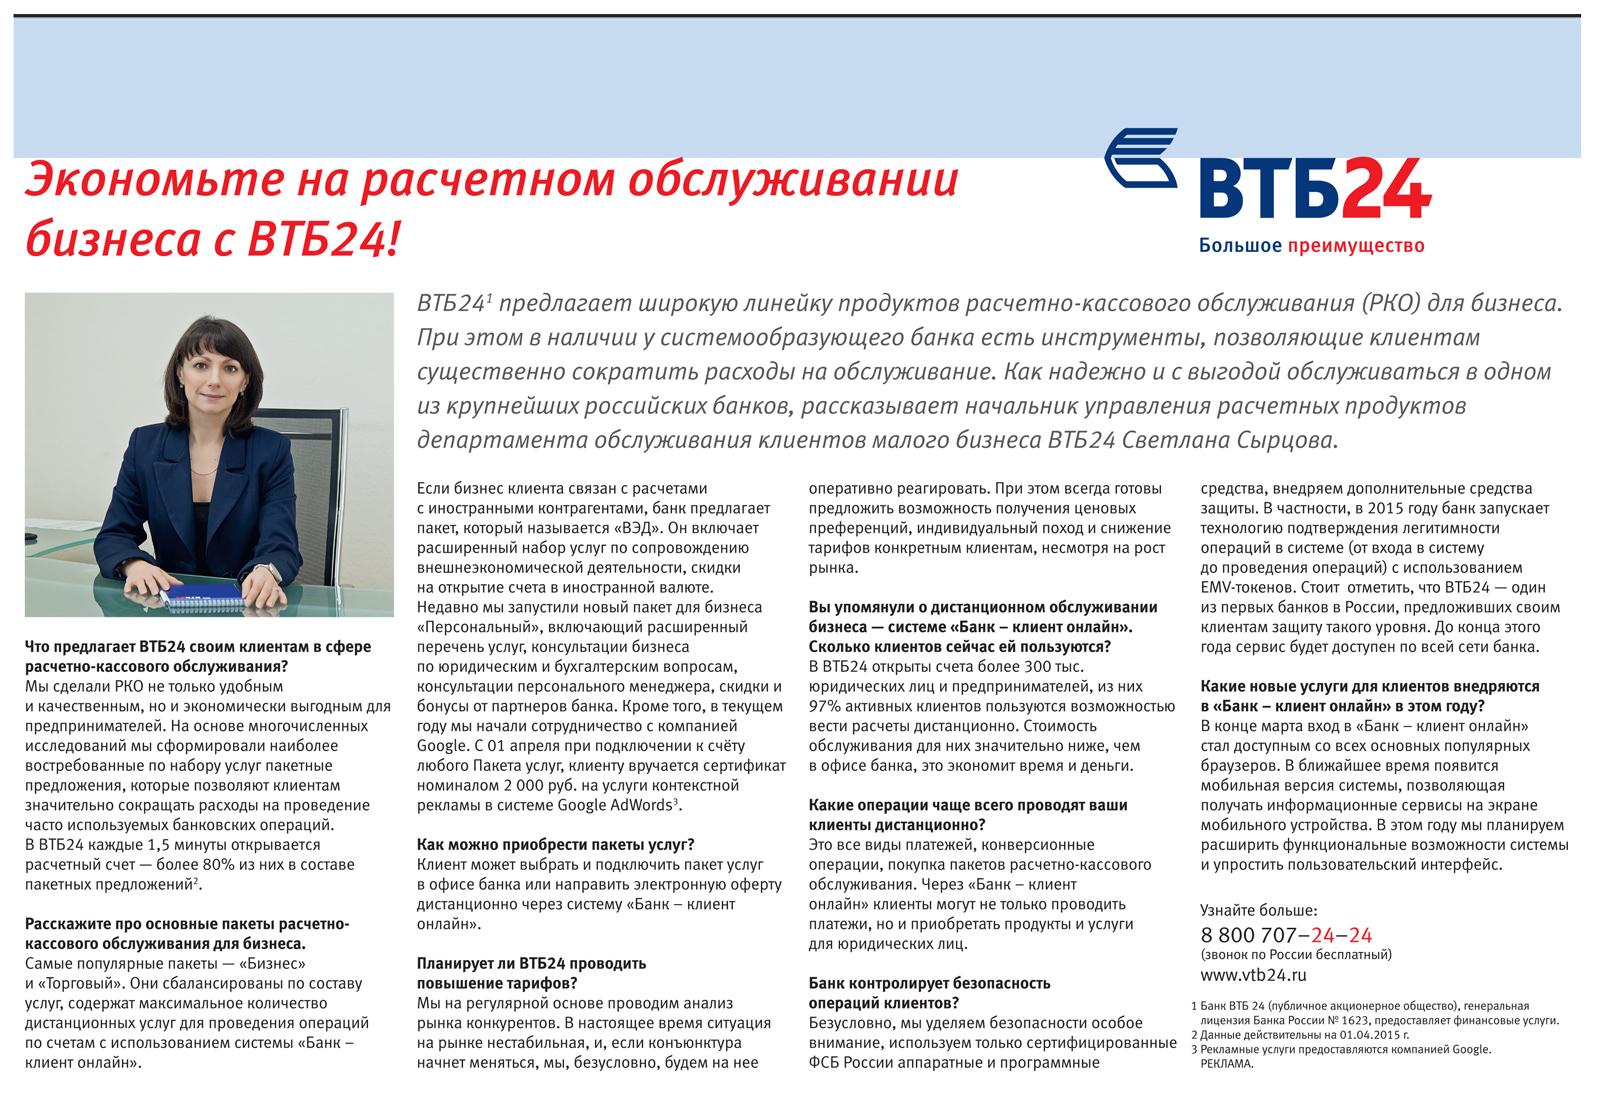 Калькулятор досрочного погашения кредита ВТБ 24 35